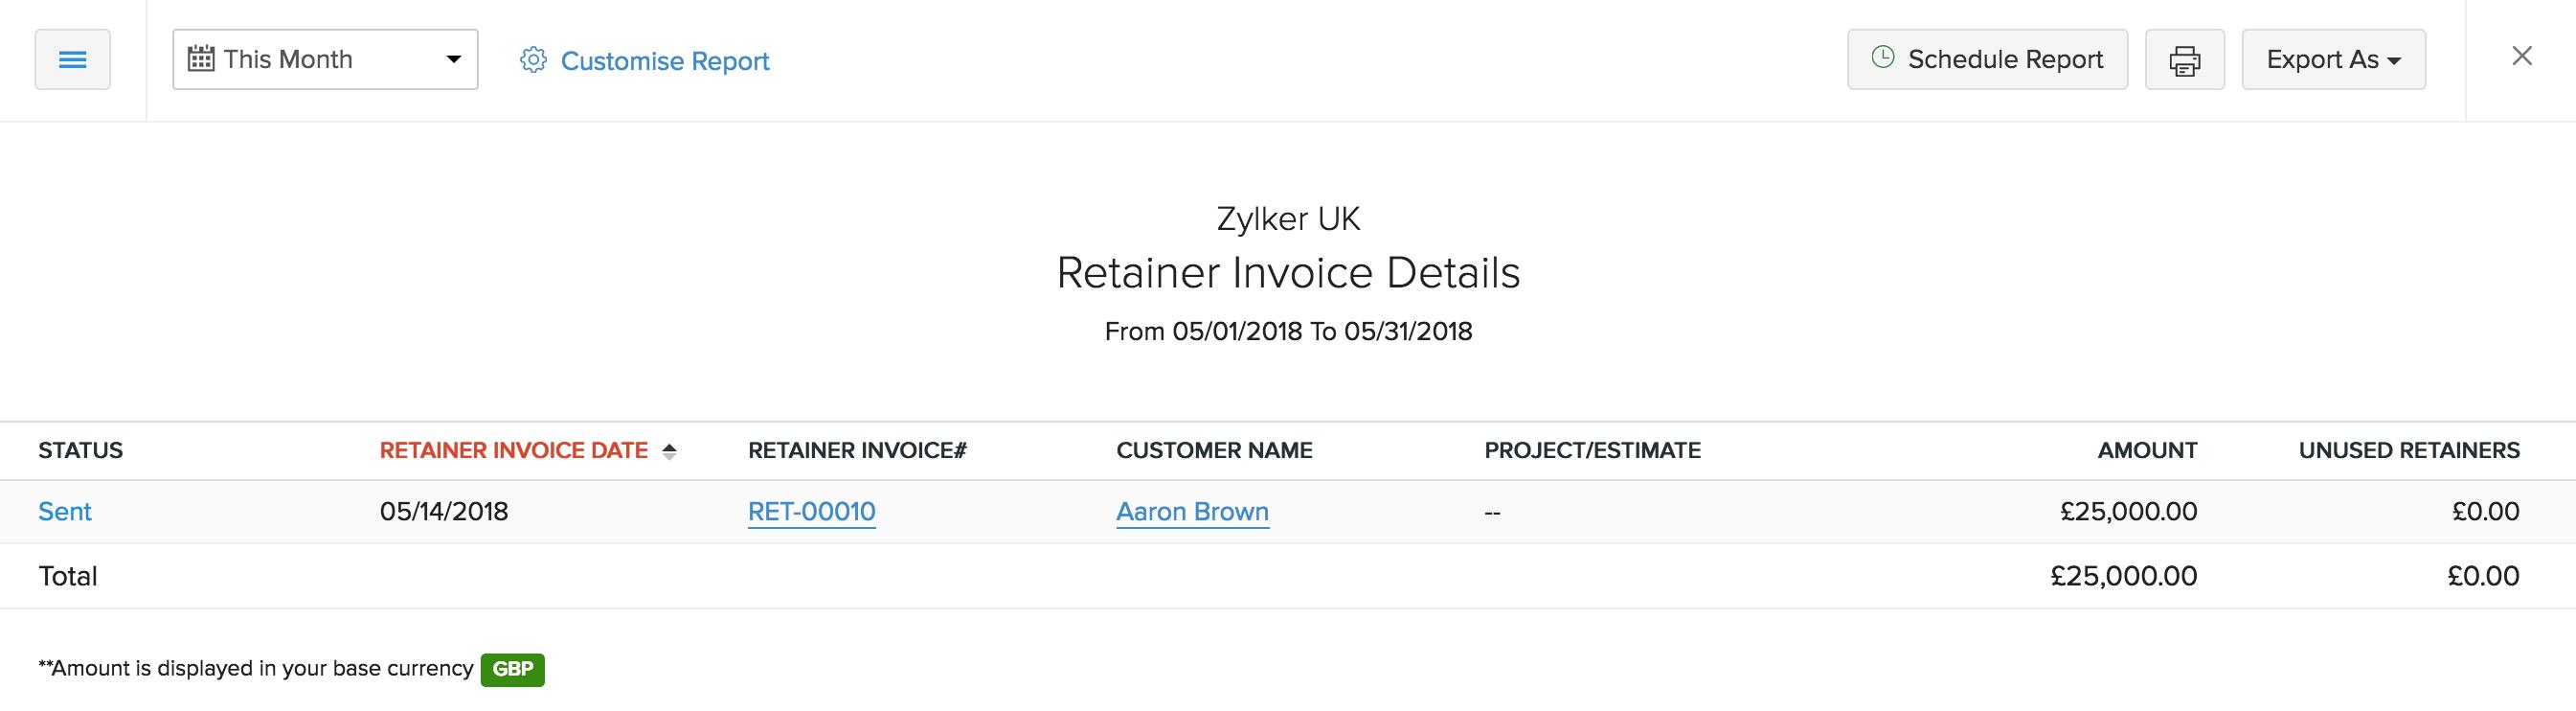 Retainer Invoice Detail